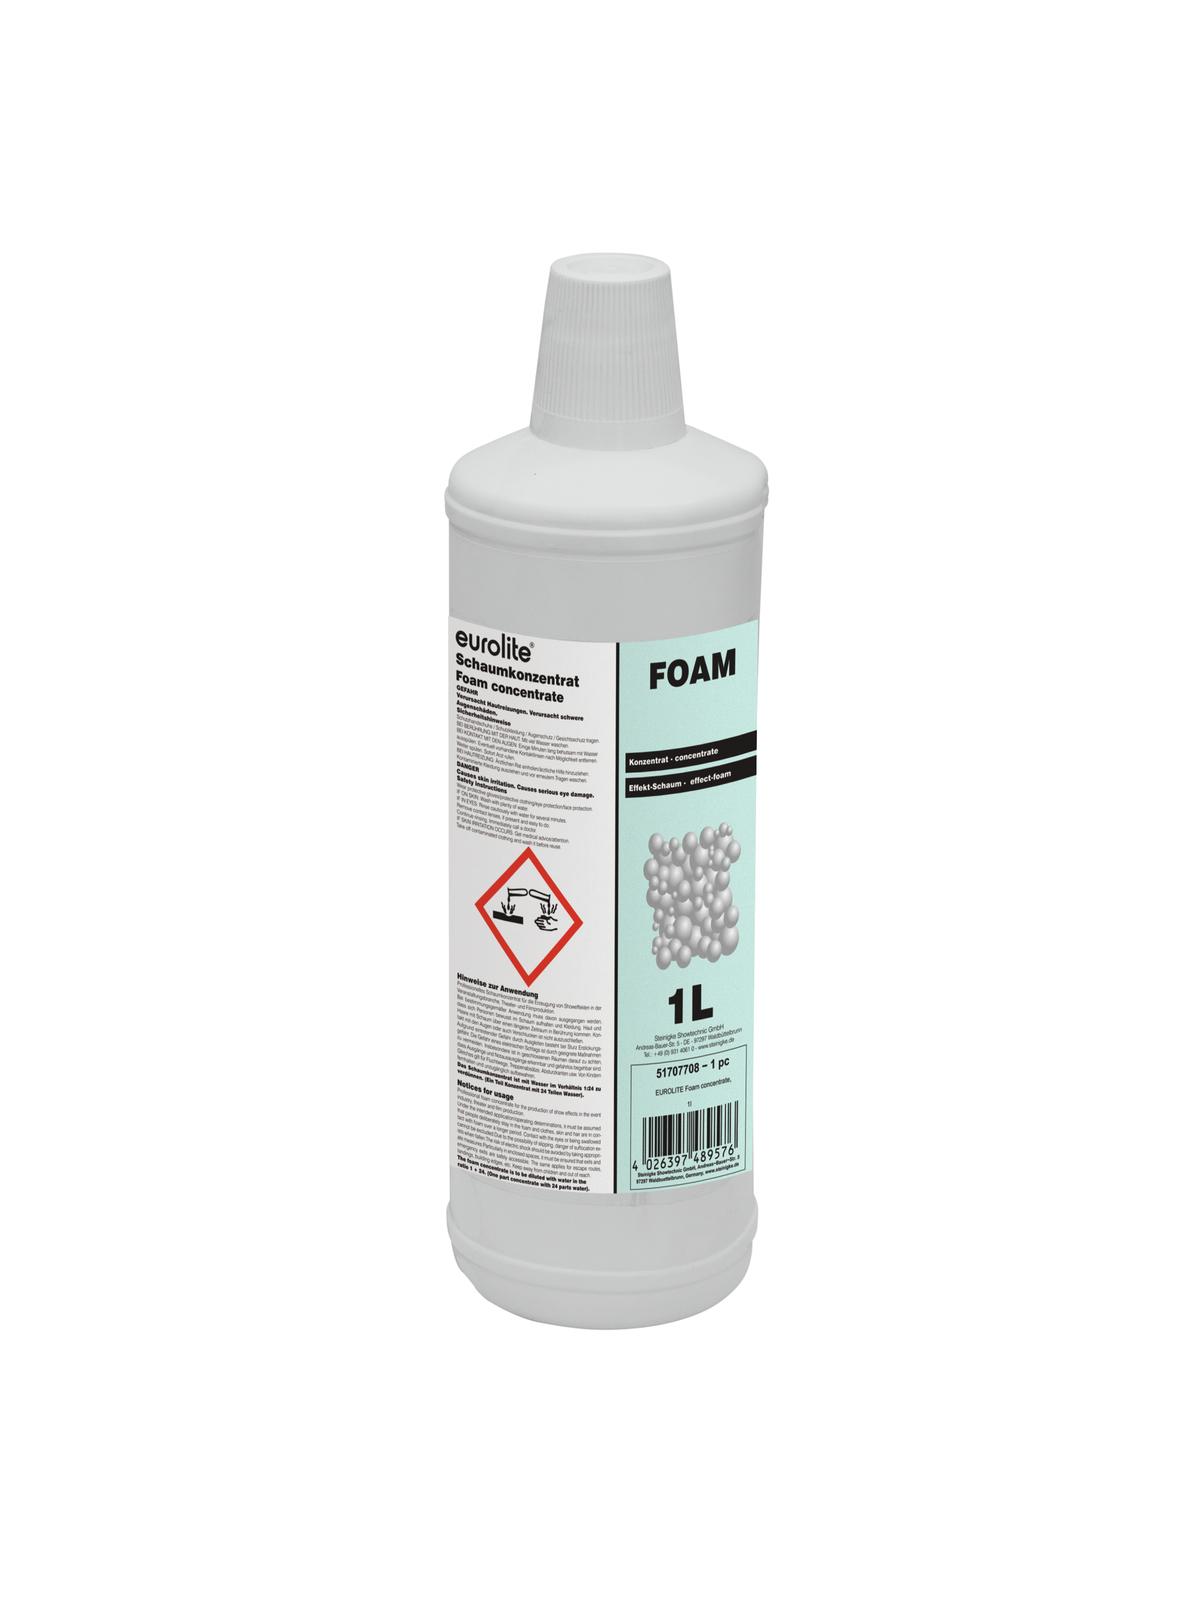 EUROLITE Foam-Konzentrat, 1l